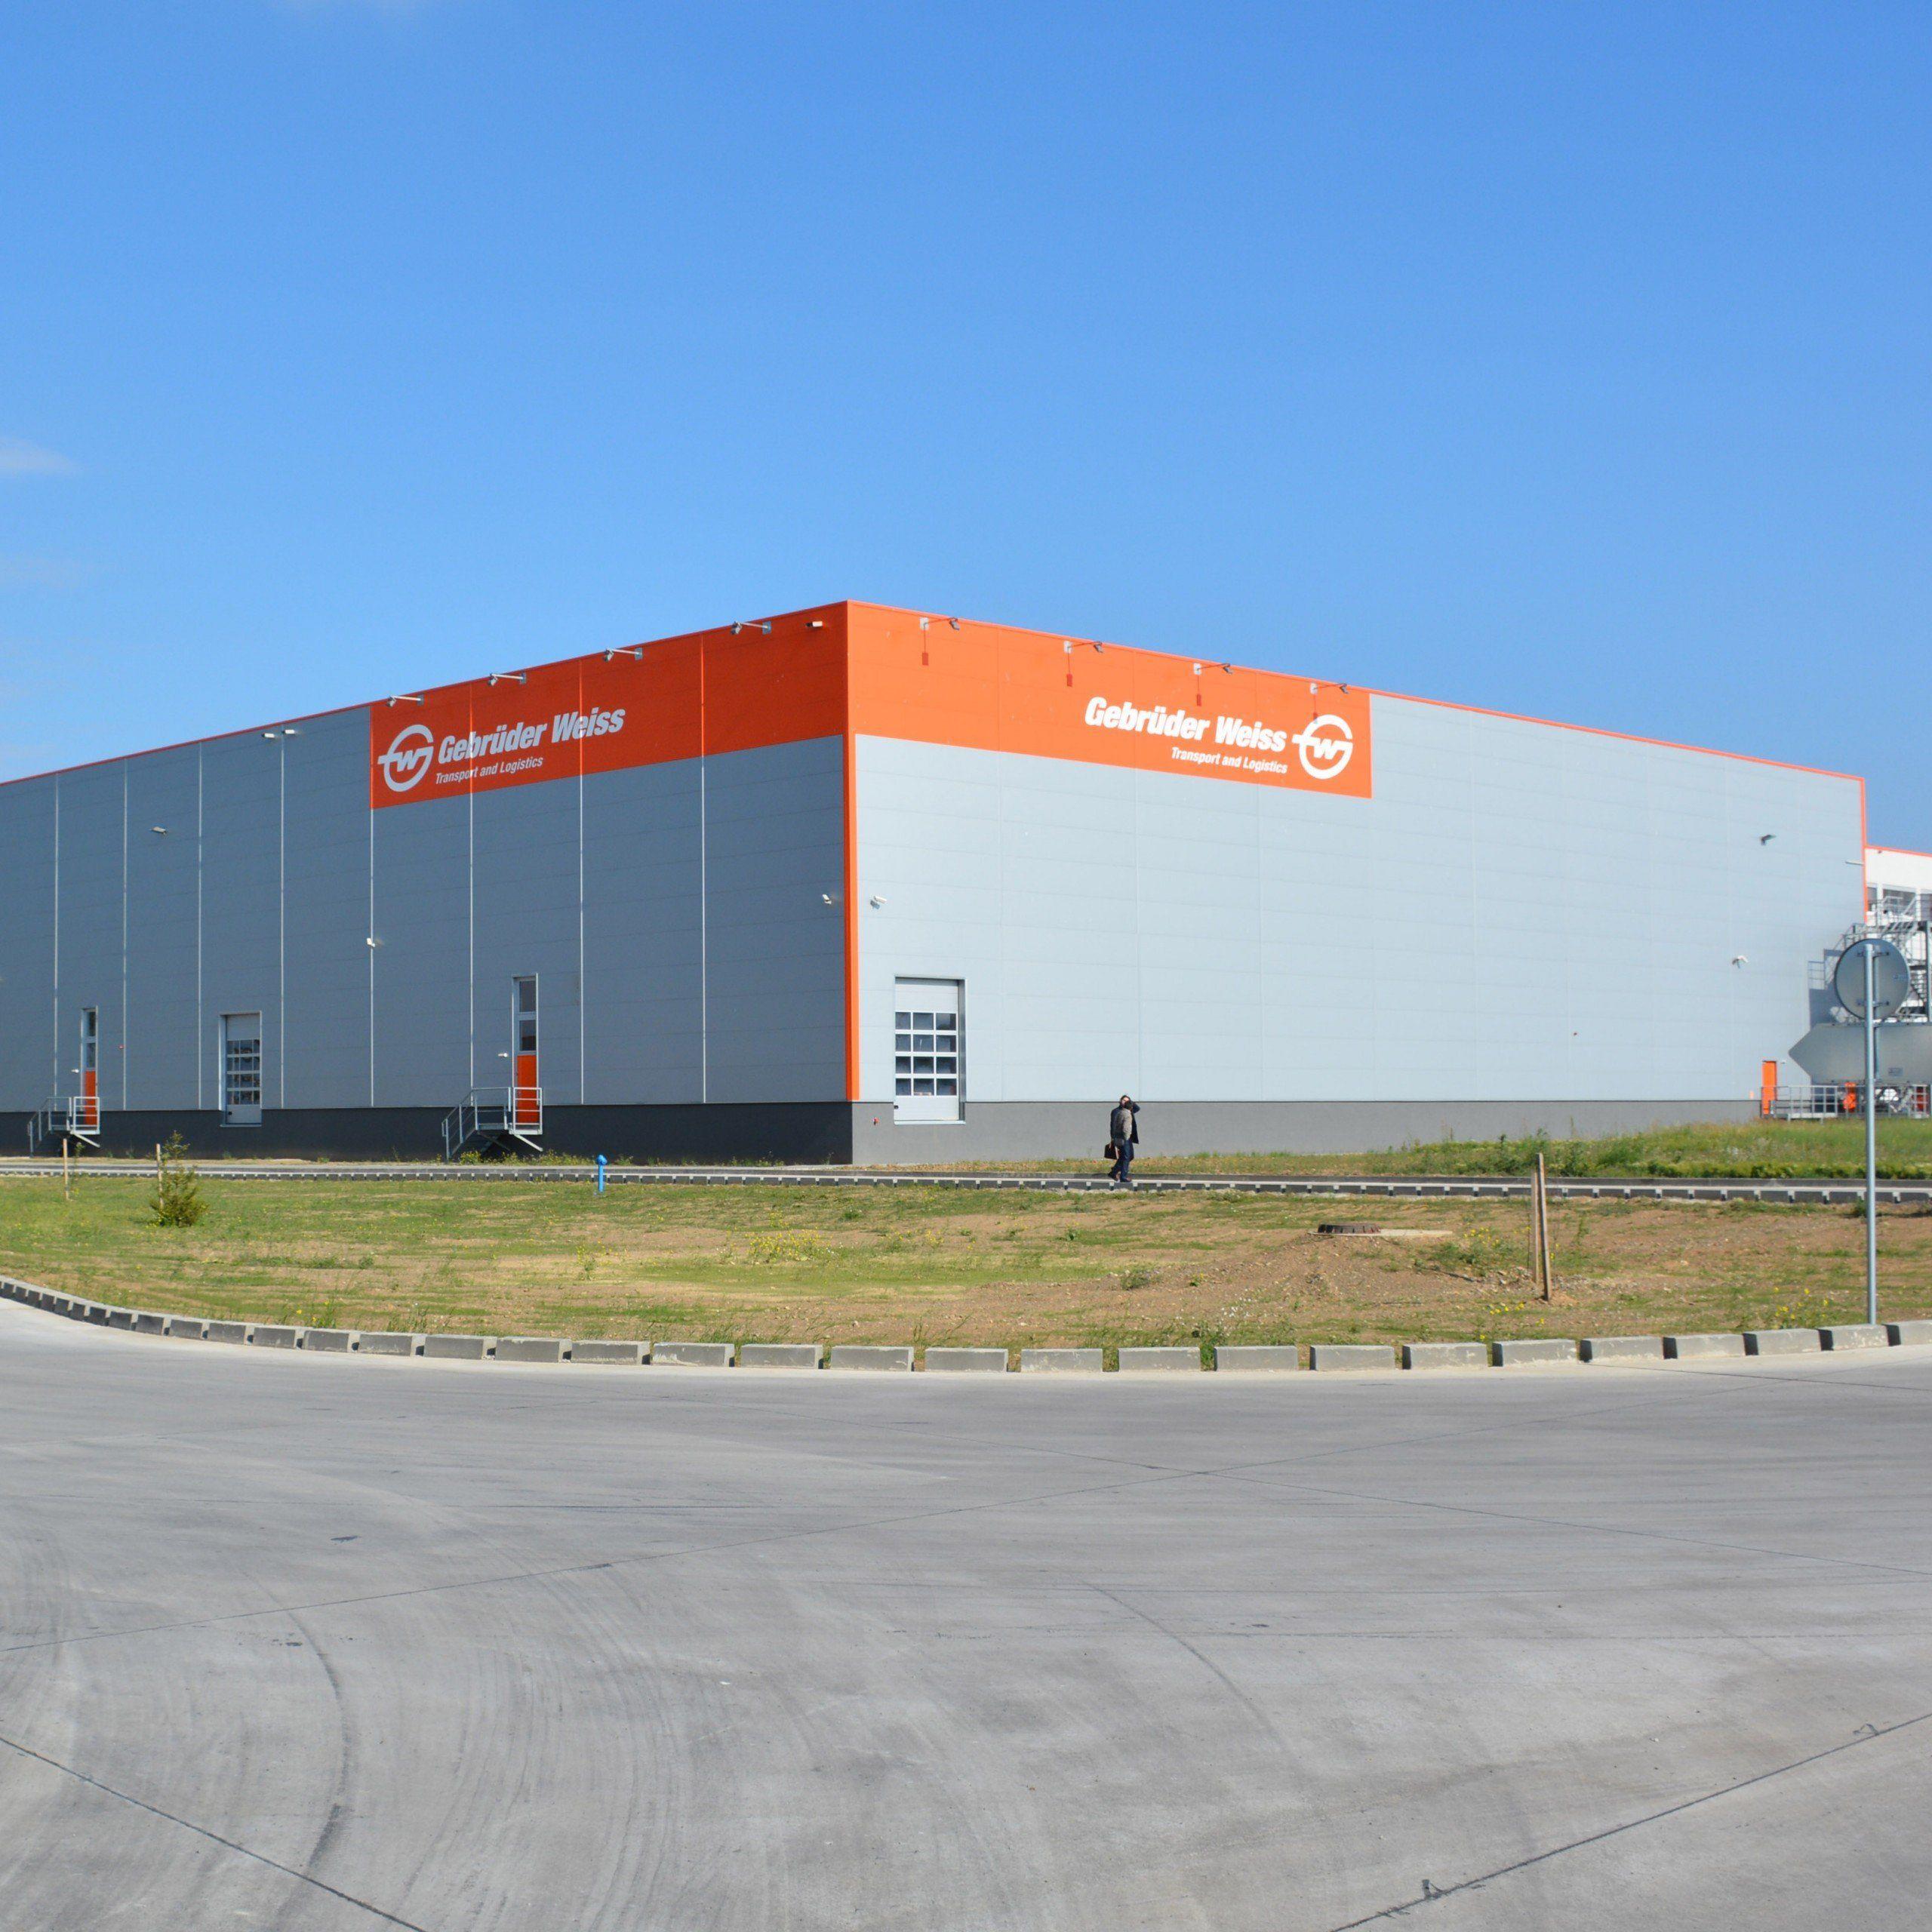 Das neue Terminal bei Sofia soll als Drehscheibe für die Balkanregion sowie Richtung Zentralasien dienen.